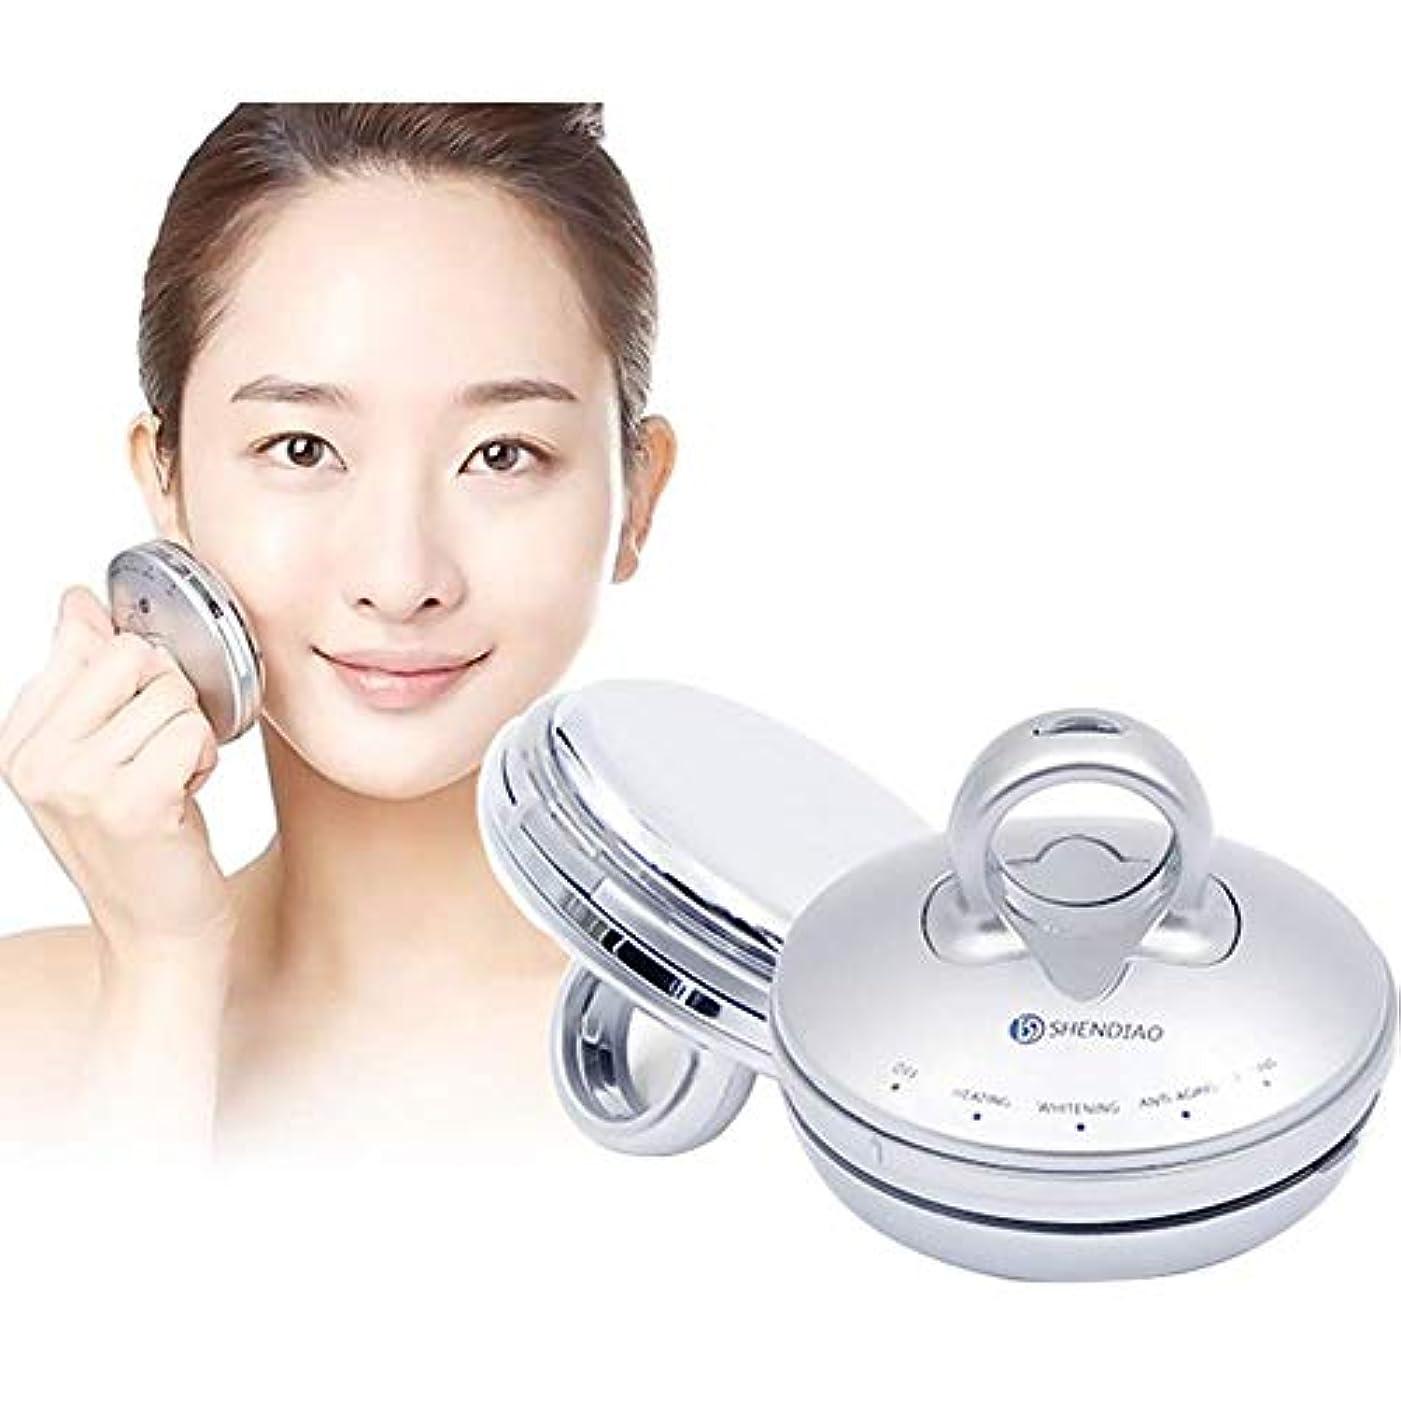 滑りやすいマント本質的に美のマッサージャー、顔のマッサージャーの振動美装置の顔のしわのスキンケアの上昇の反老化の白くなるマッサージャー